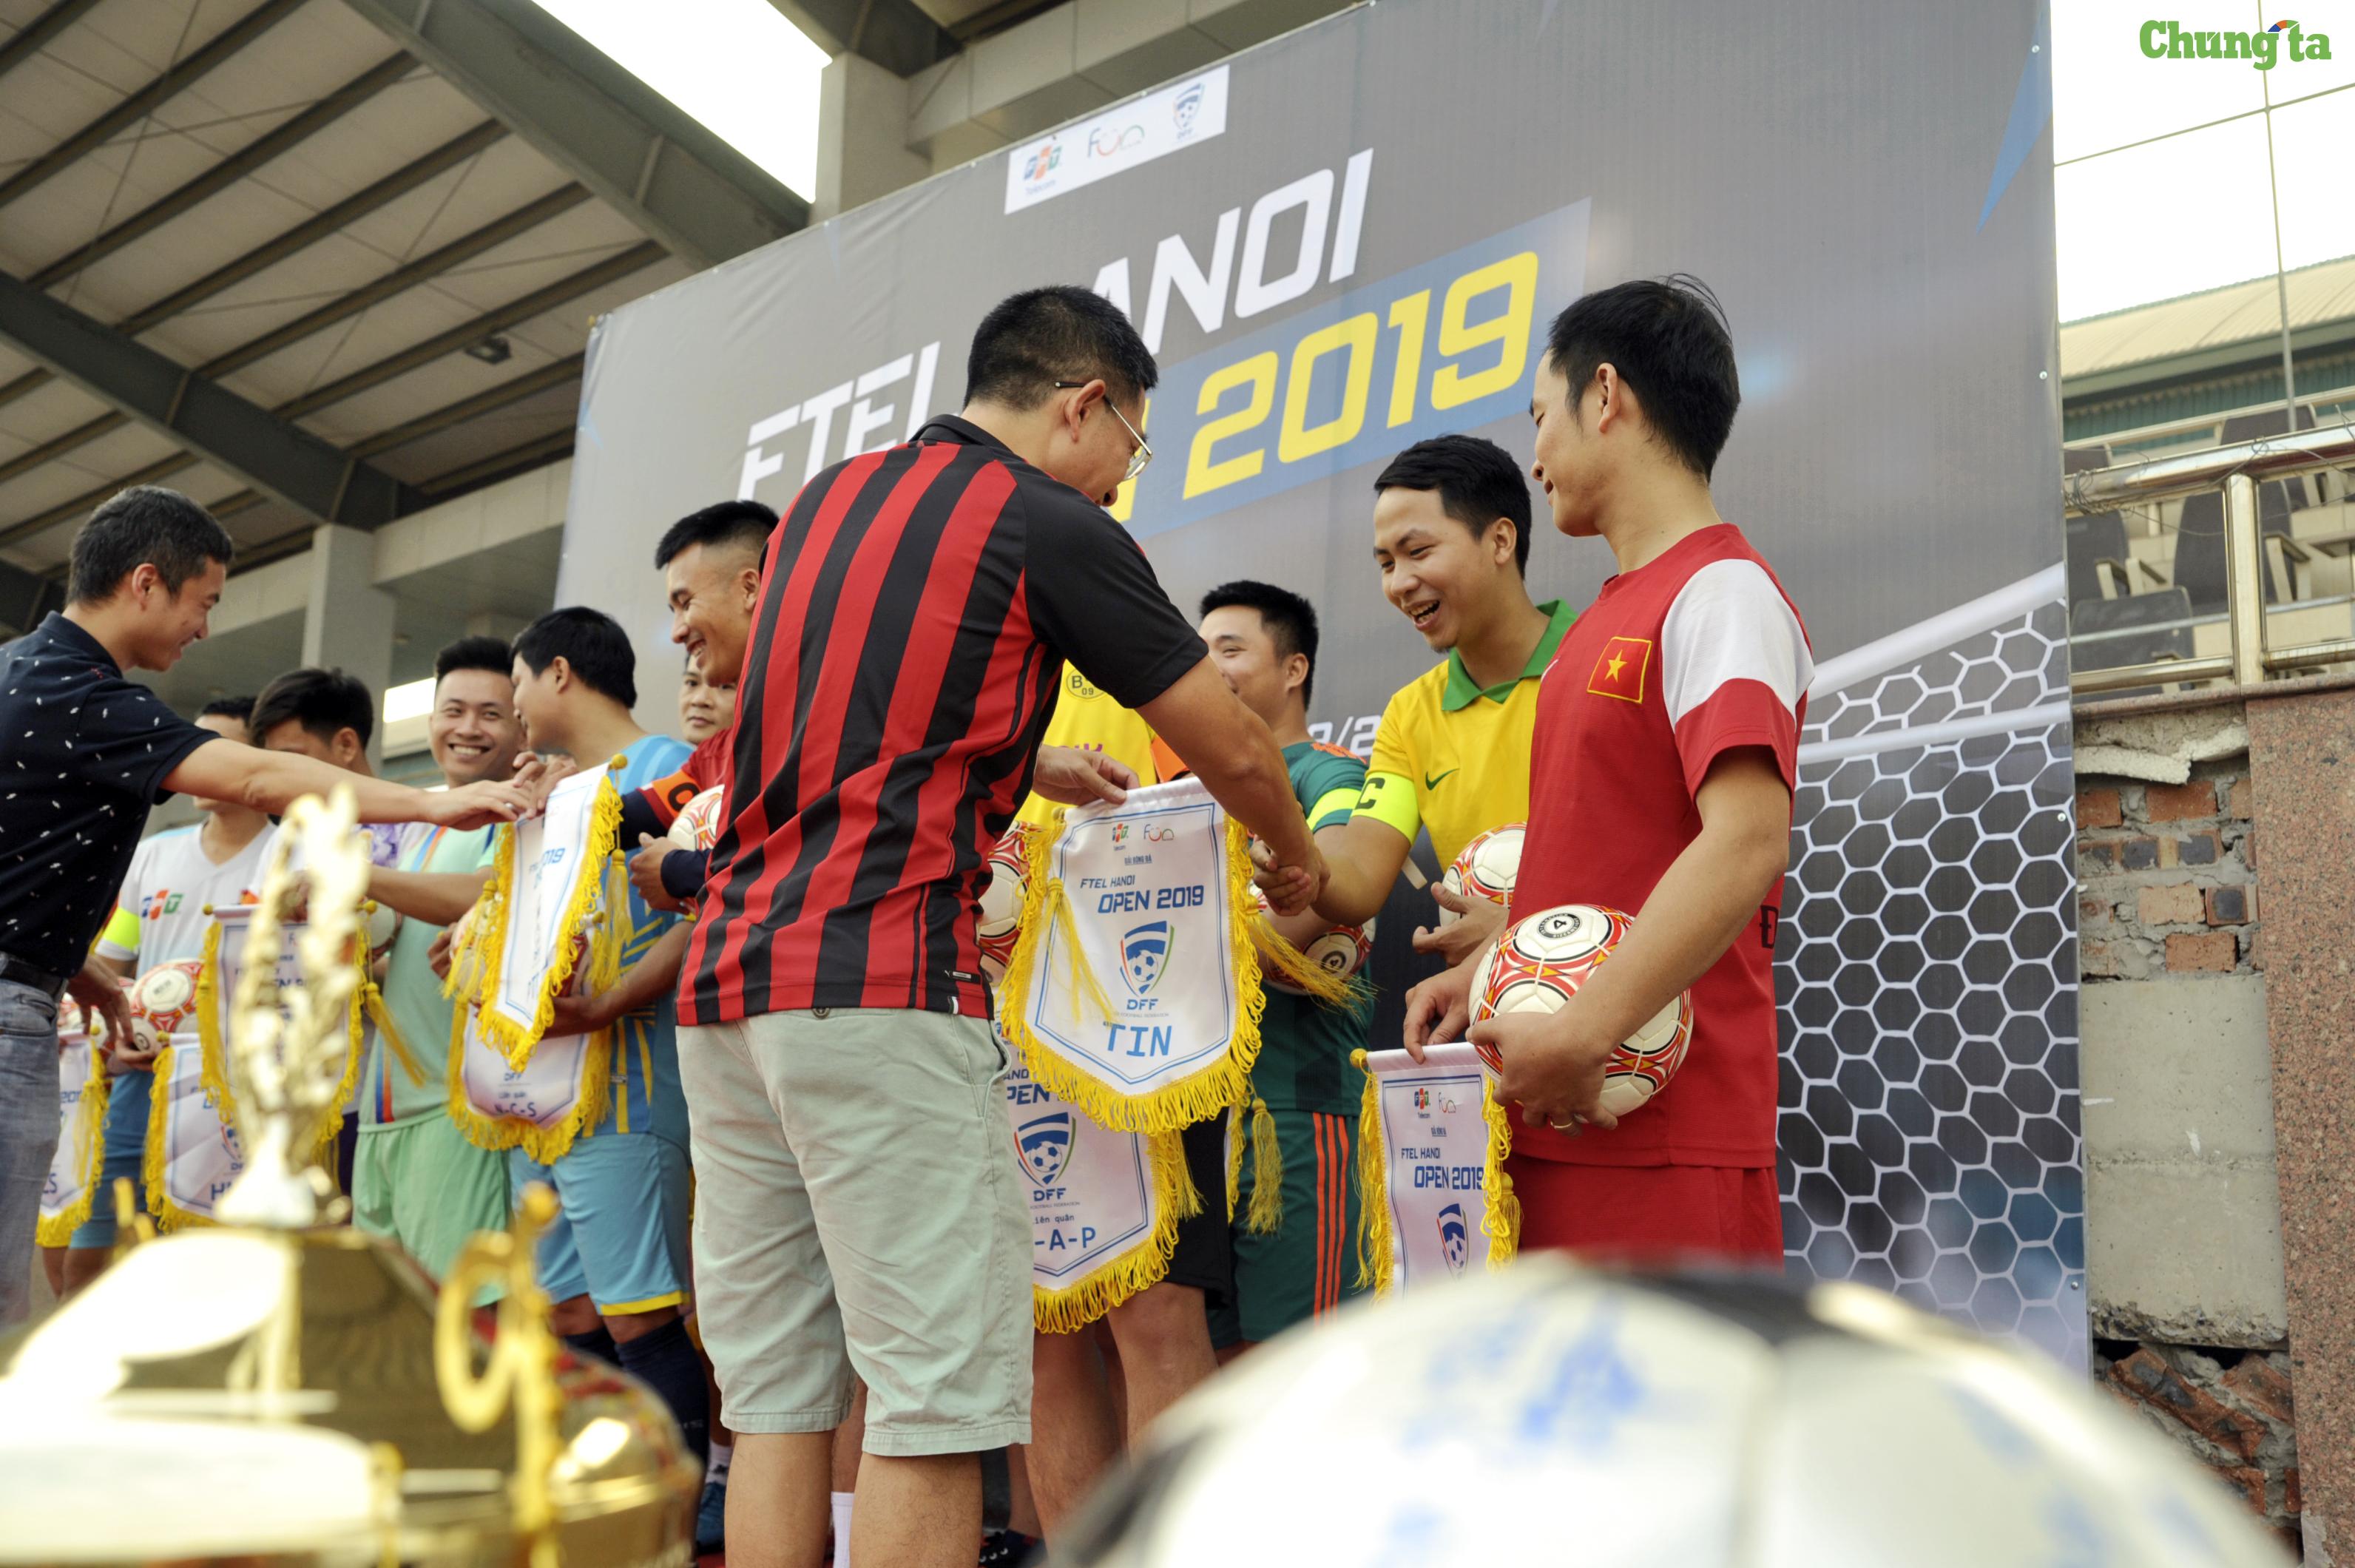 Sau phần tuyên bố khai mạc giải đấu của Trưởng BTC -anhNguyễn Anh Đức - lần lượt các nghi thứctuyên thệ của cầu thủ và đại diện tổ trọng tài, Ban tổ chức cùng trao cờ lưu niệm và bóng thi đấu cho đội trưởng của 16 đội tranh tài.